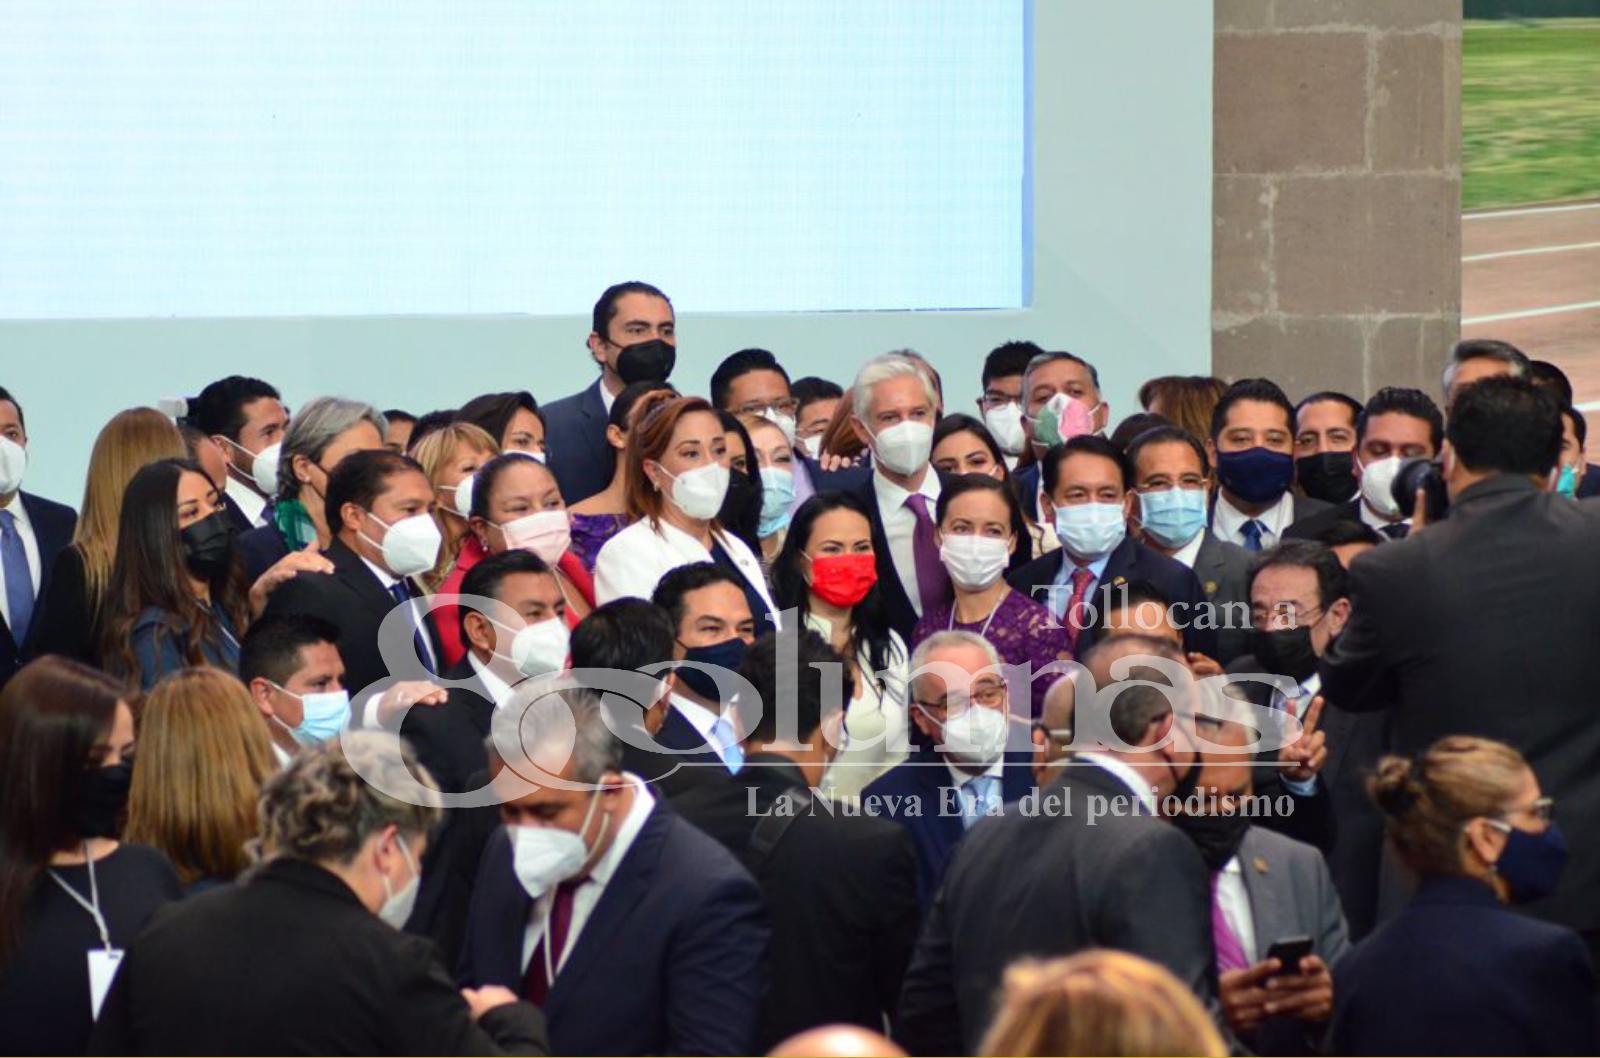 Convoca mandatario mexiquense a la unidad y a la búsqueda de acuerdos - Sep 20, 2021